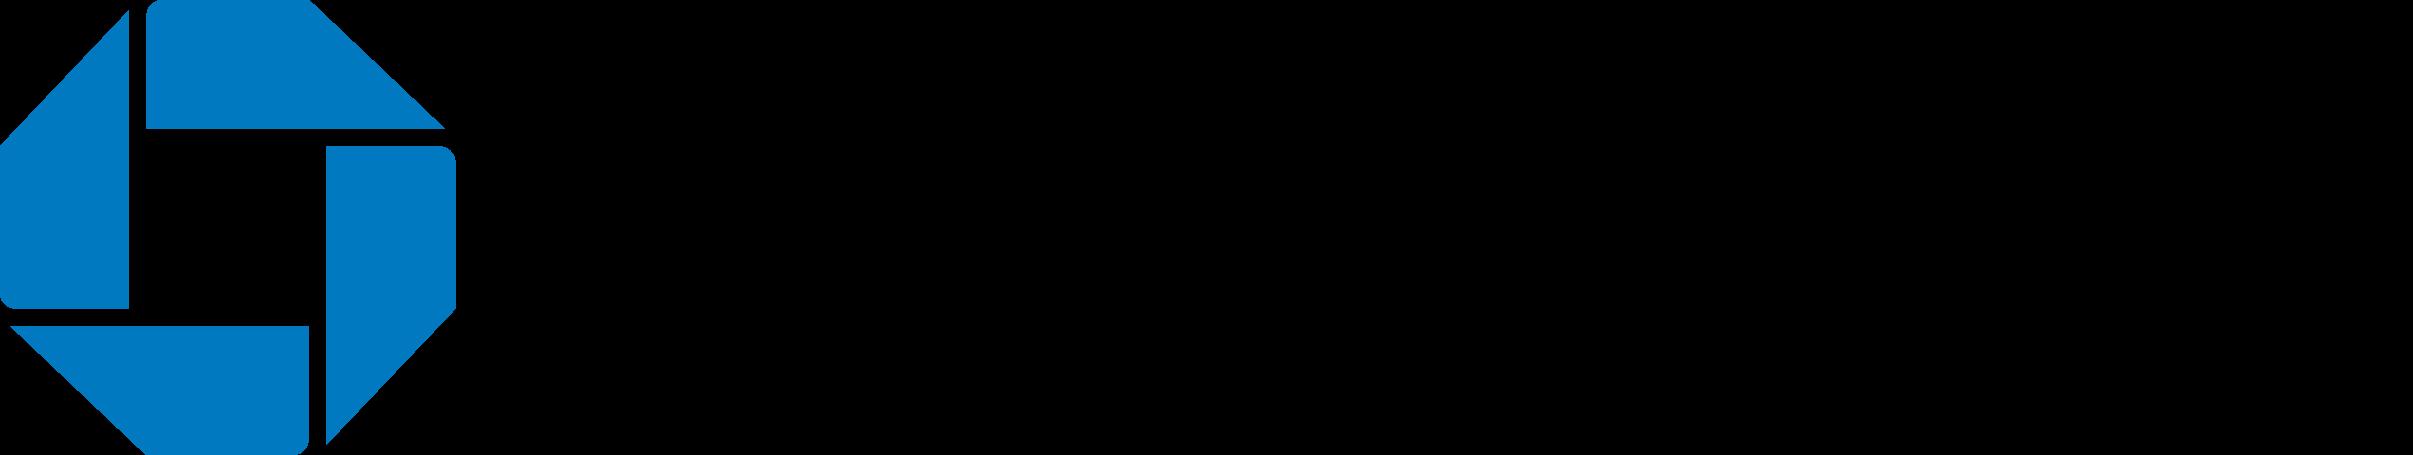 CHA_SAP_ST_RGB_POS_HORIZ_R.PNG